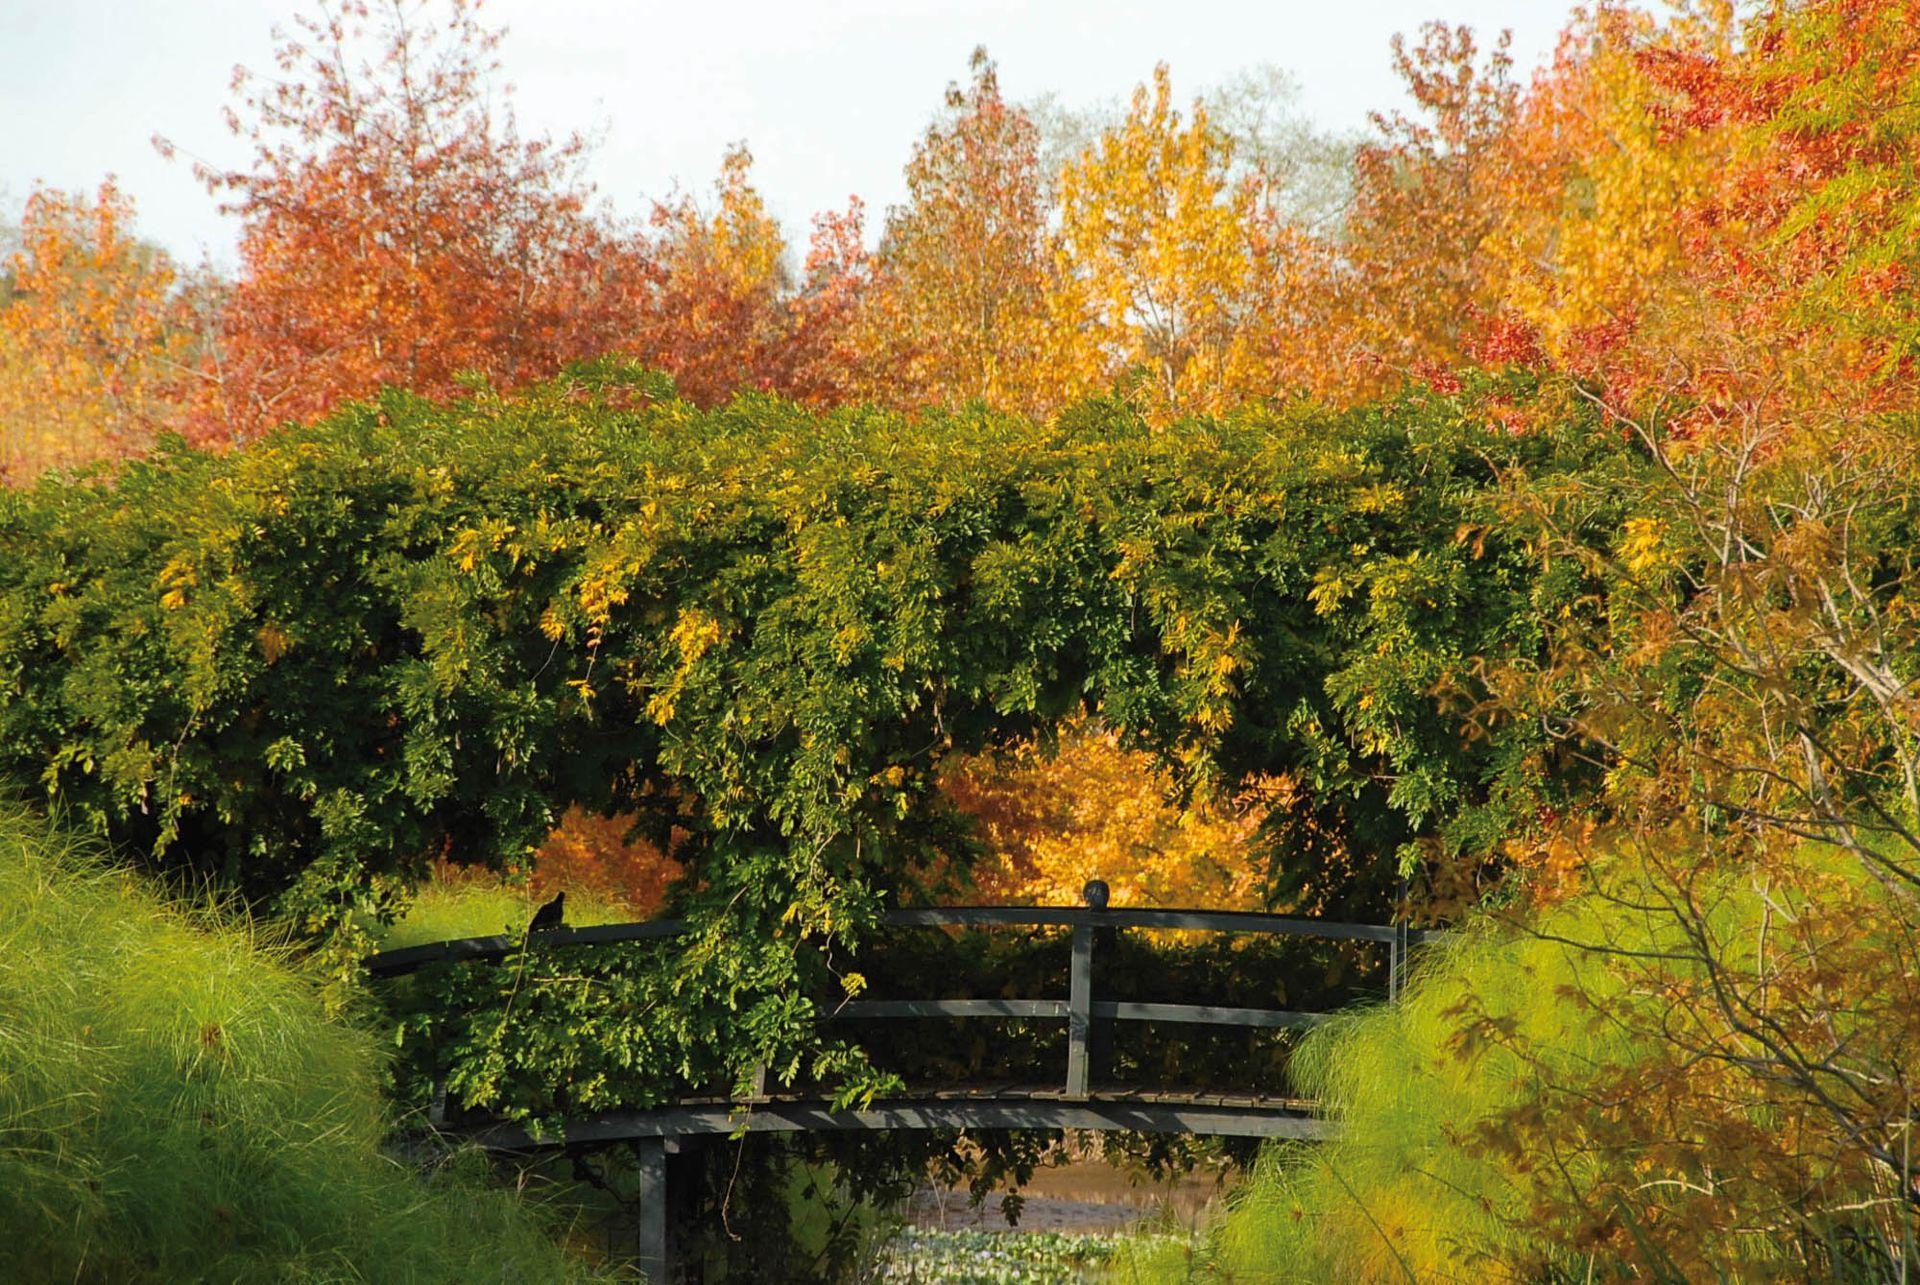 El diseño del parque de El Descanso, en el Delta de Tigre, se inspiró en los jardines privados de Monet, con puentes y senderos que generan múltiples recorridos.